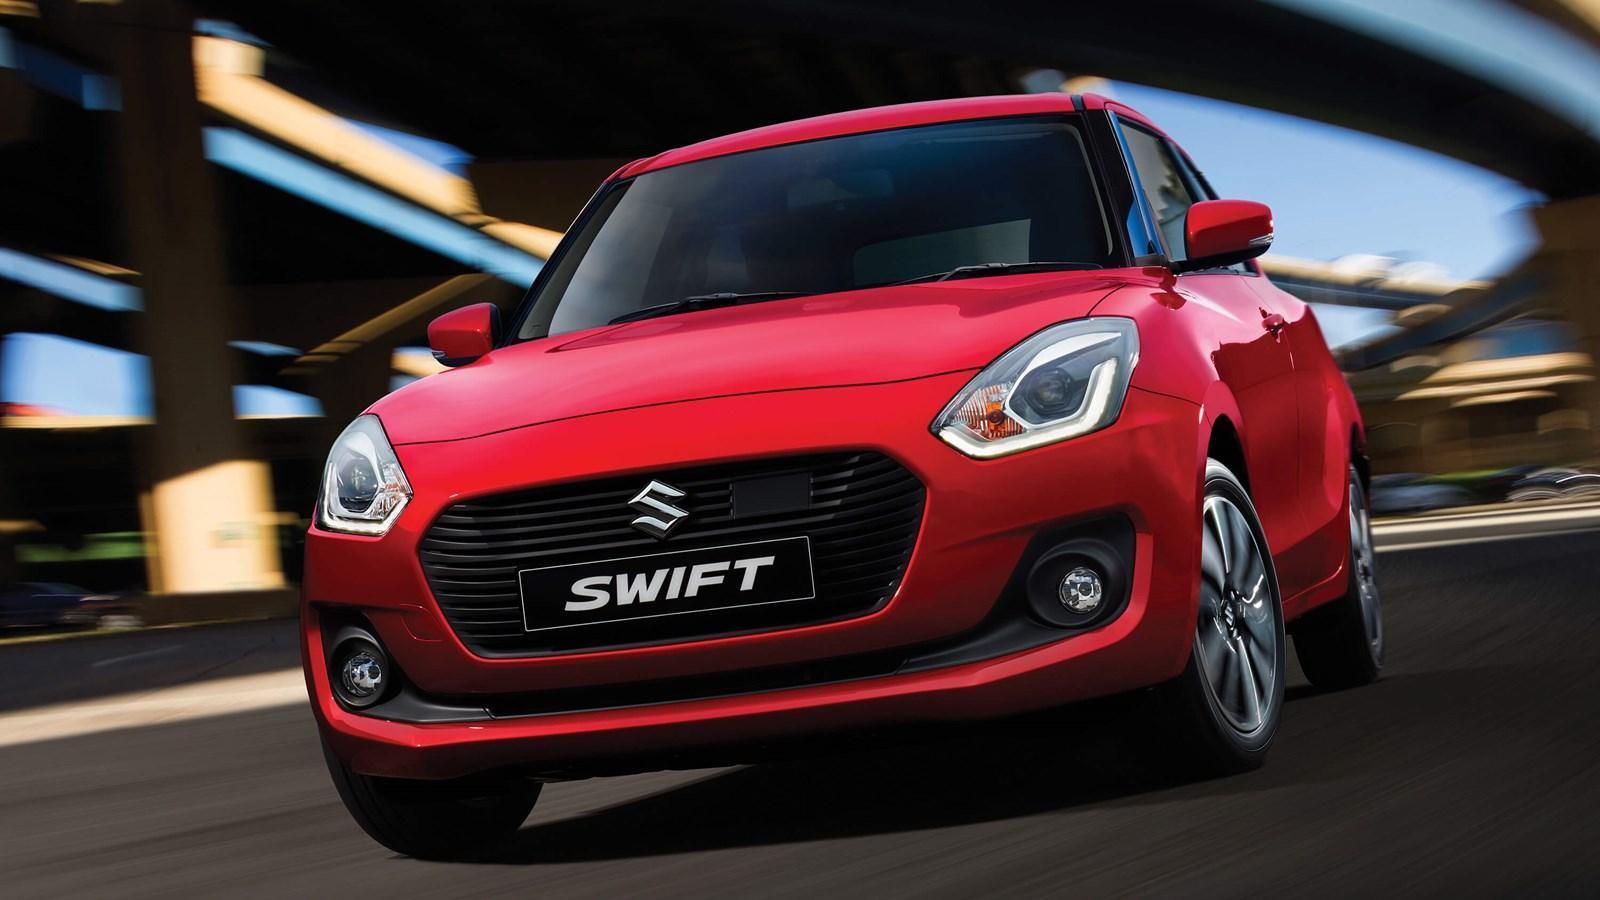 New Suzuki Swift 2017